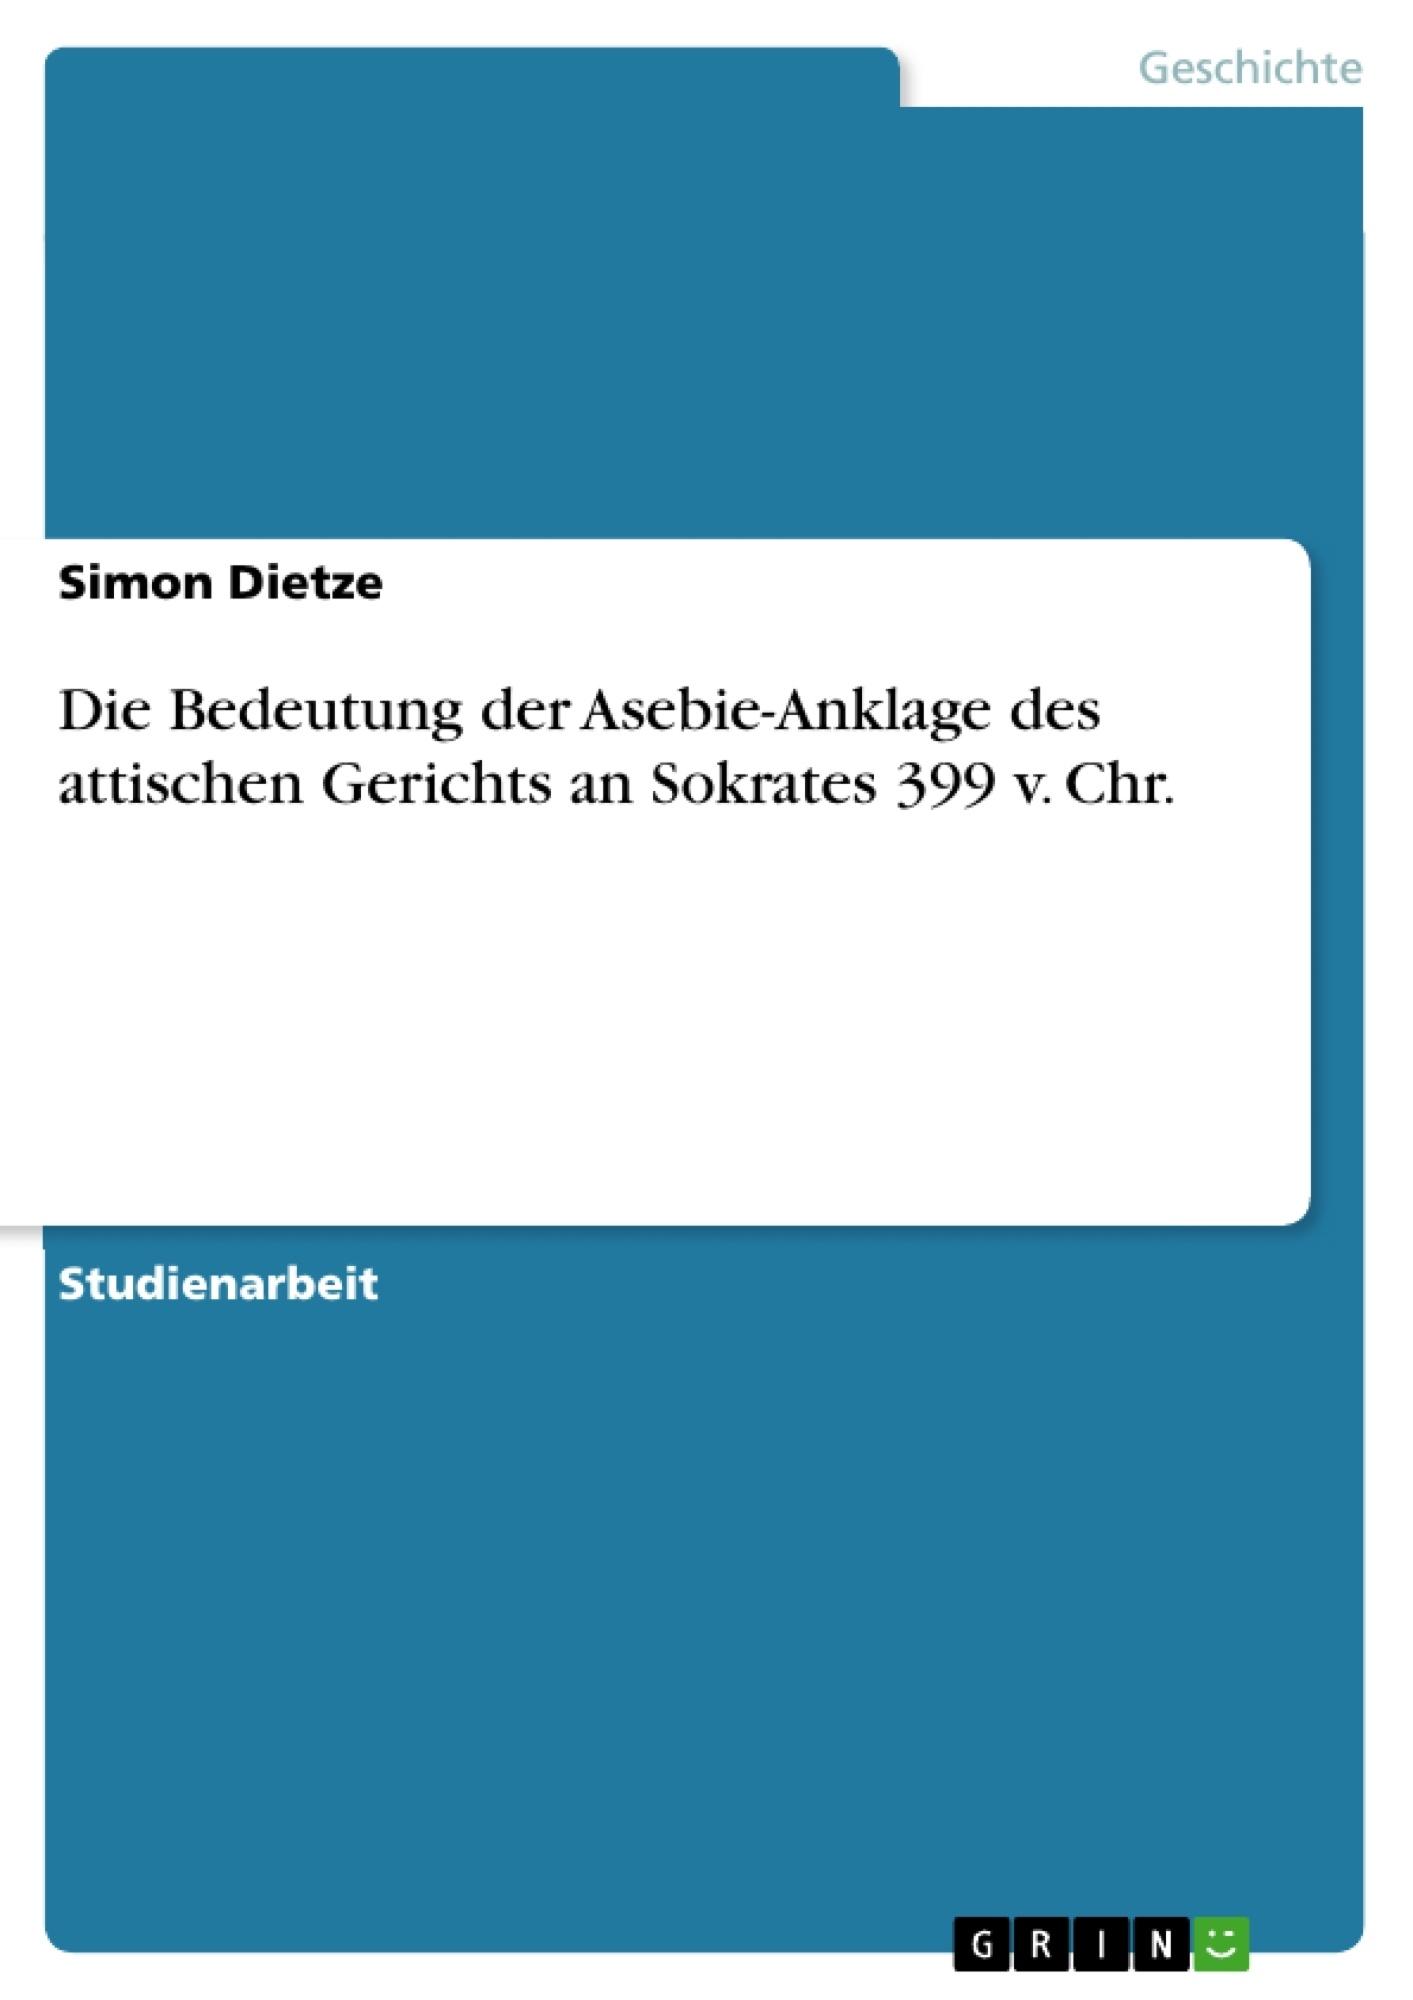 Titel: Die Bedeutung der Asebie-Anklage des attischen Gerichts an Sokrates 399 v. Chr.